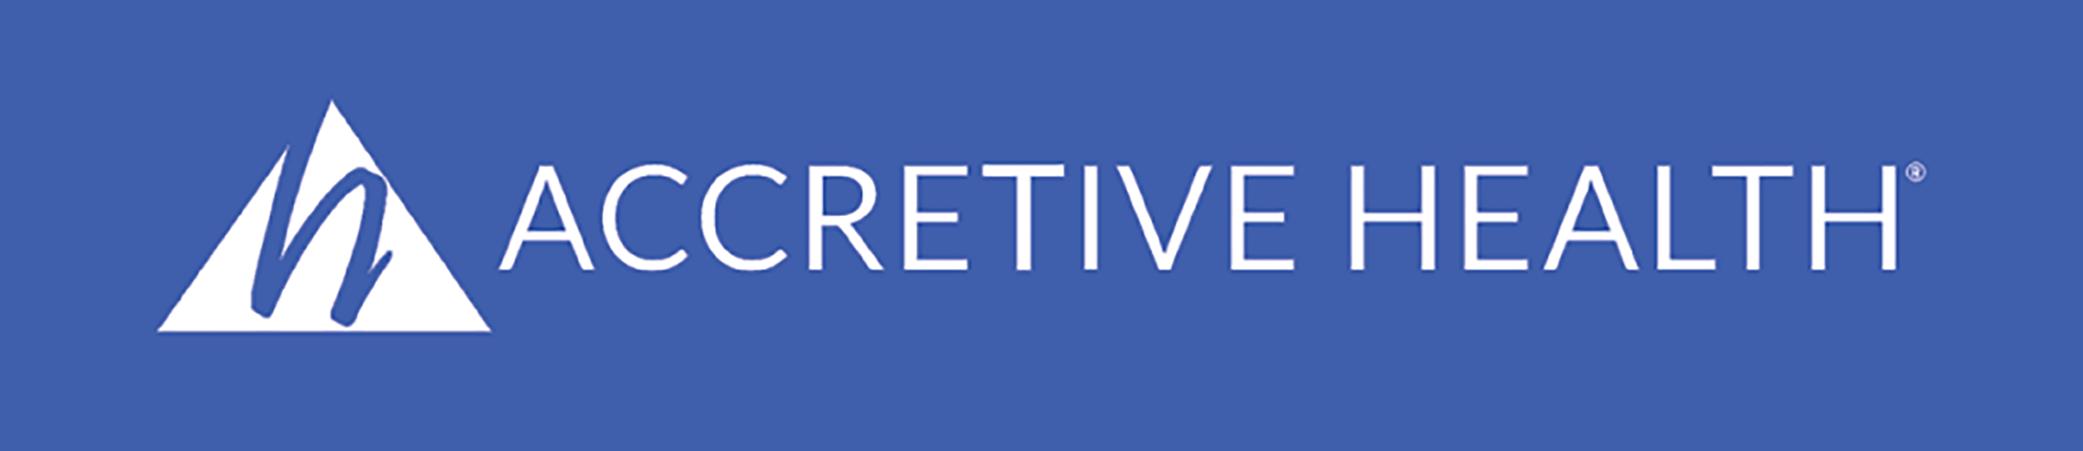 accretive